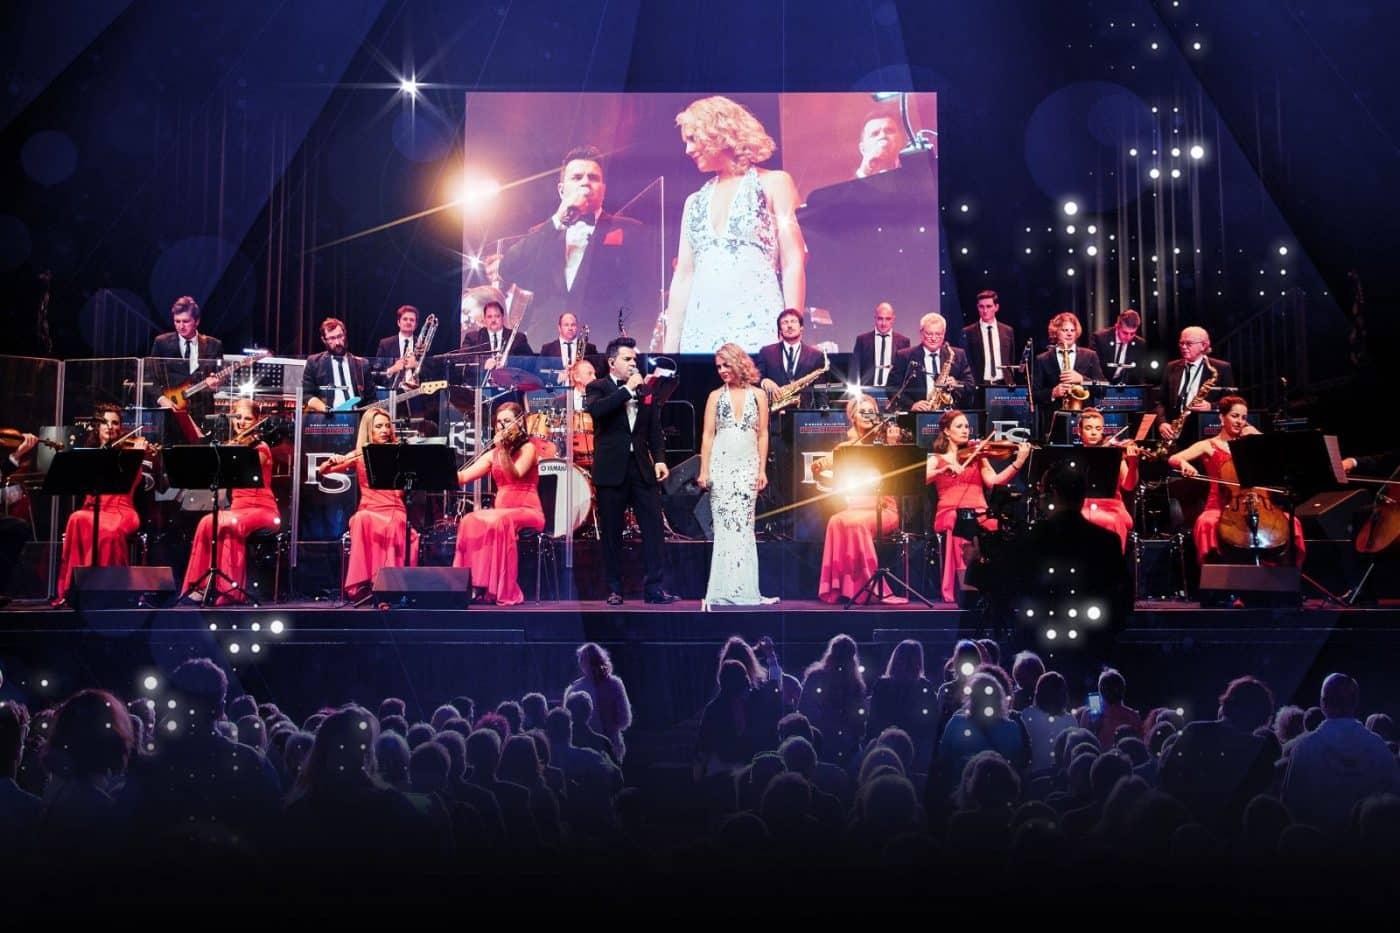 Die Eventband STEINBACH zusammen mit Streichern und Gesangssolisten beim 50. Gildenball im Festspielhaus in Bregenz.